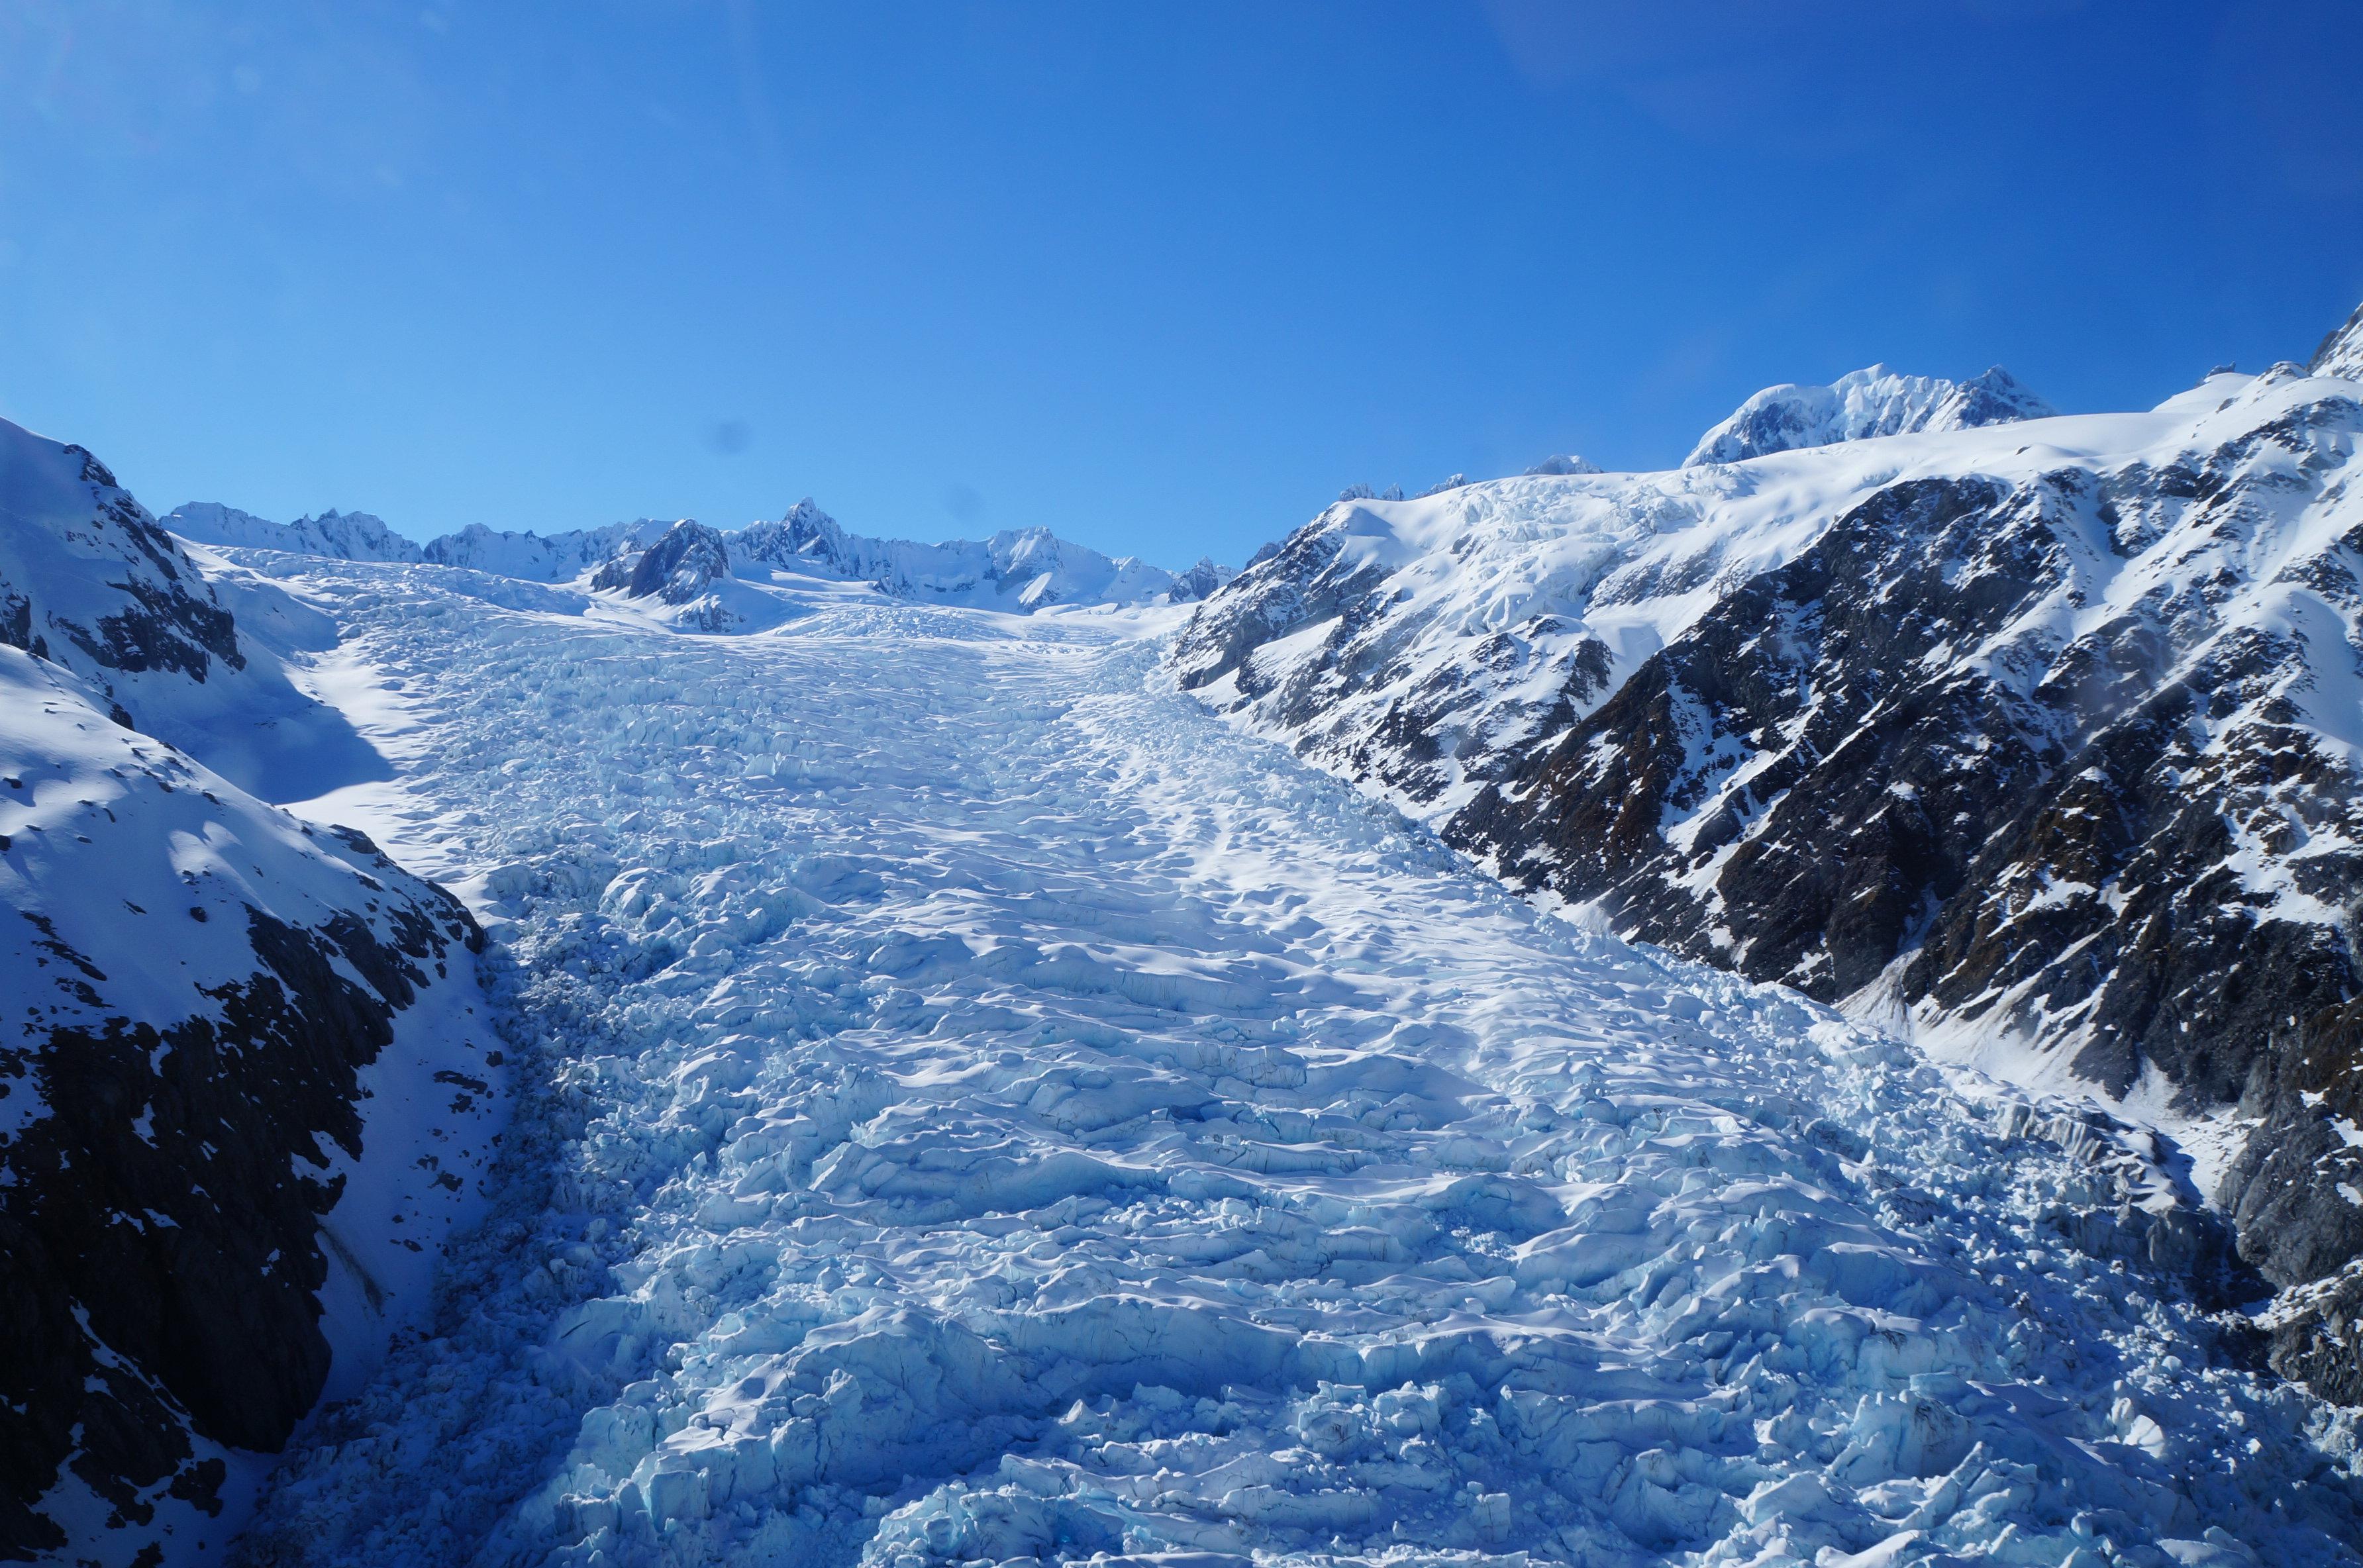 福克斯冰河  Fox Glacier   -4